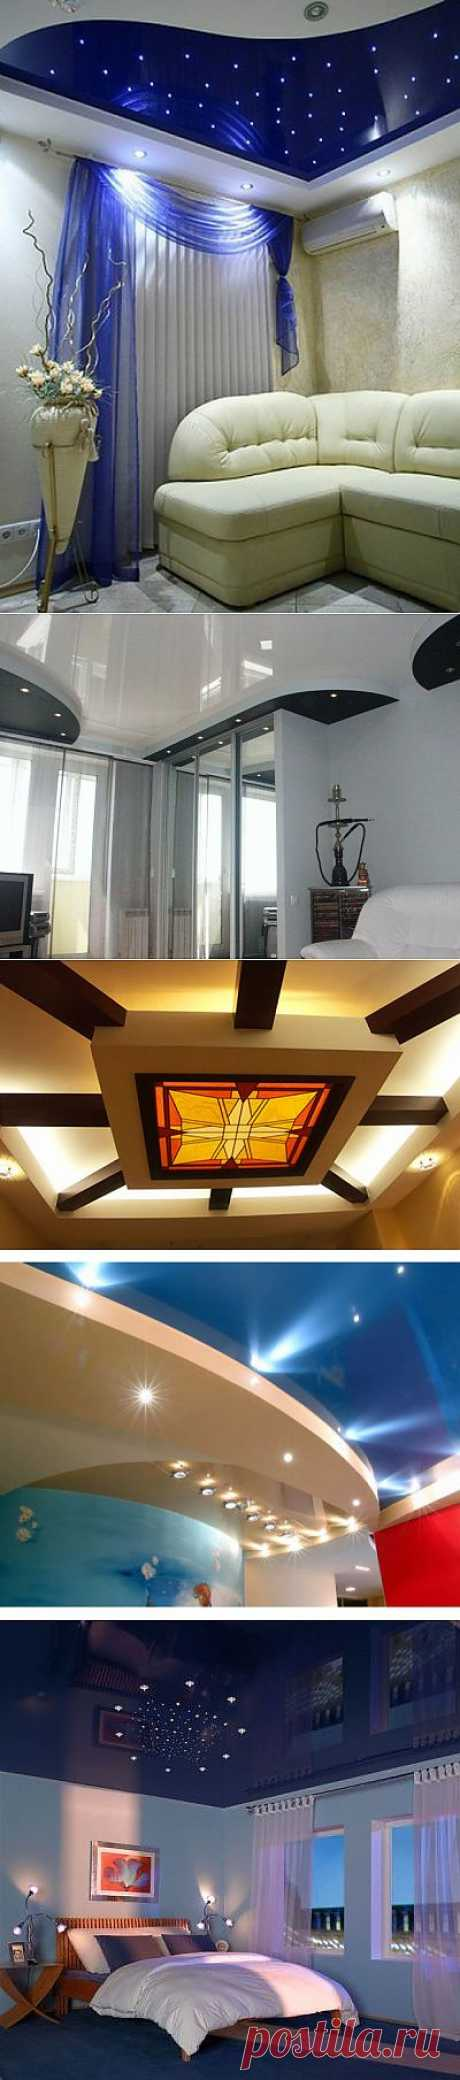 (+1) тема - Способы отделки и дизайна потолков | Интерьер и Дизайн